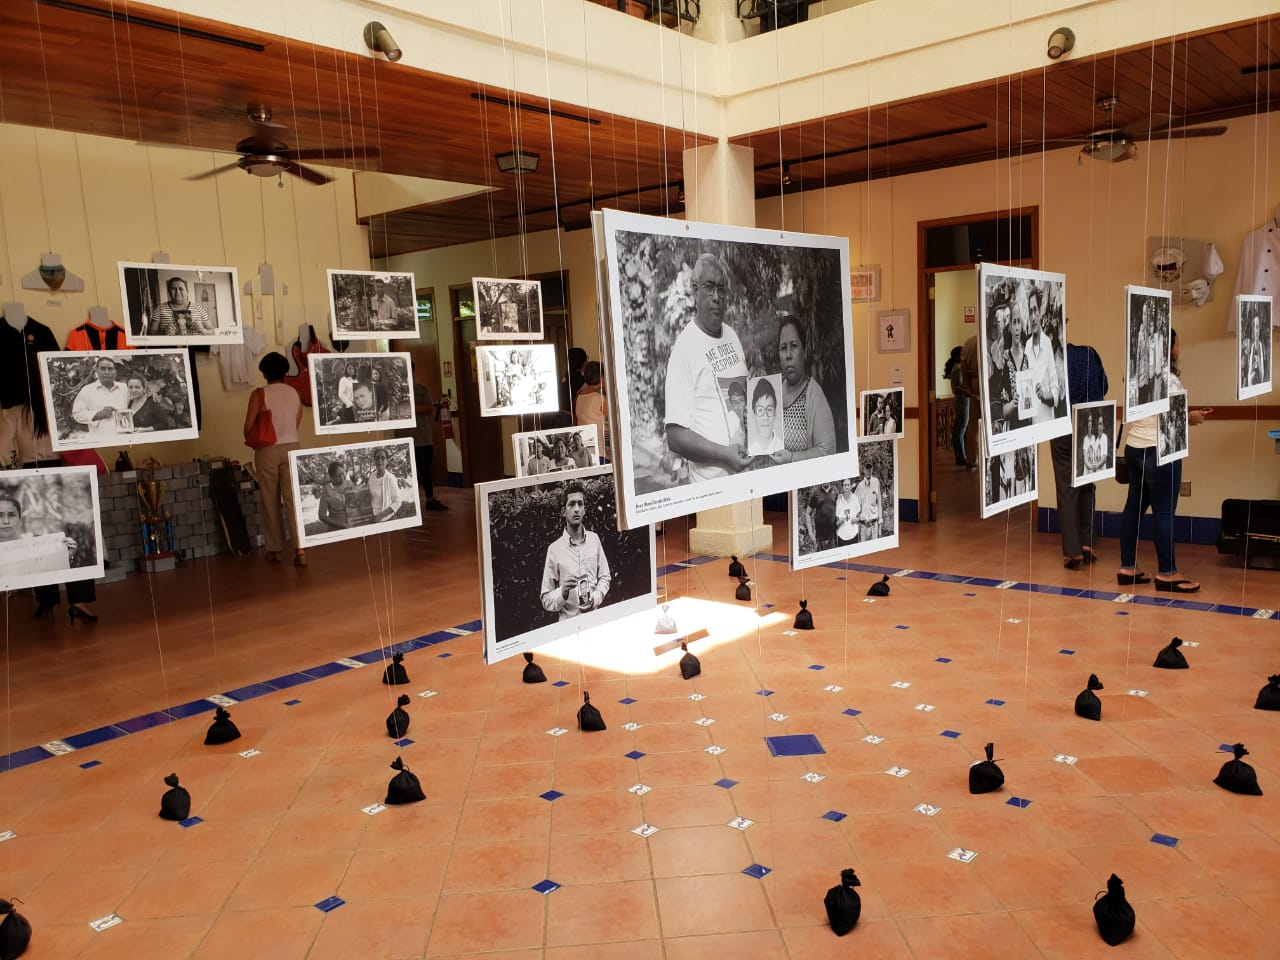 En memoria de los más de 326 asesinados en manos del régimen de Ortega. Foto: G. Shiffman / Artículo 66